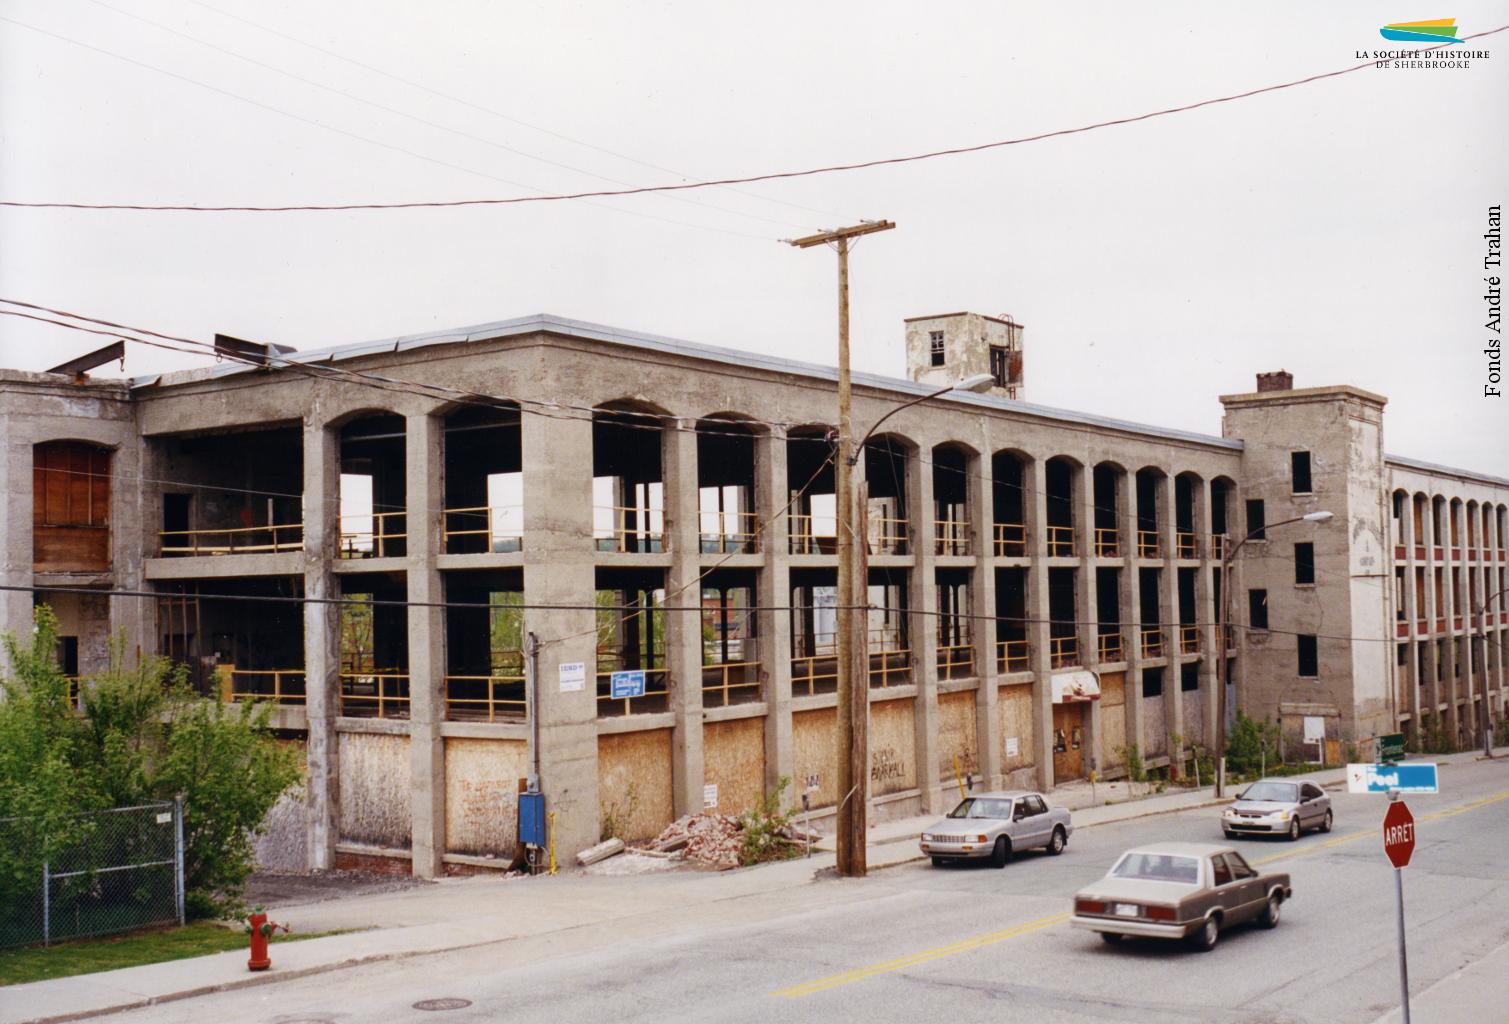 Les vestiges de l'usine Kayser, située sur la rue Frontenac, en 2000. Le bâtiment est par la suite converti pour accueillir une résidence pour personnes âgées, le Musée de la Nature et des Sciences, et les locaux de Bibliothèque et Archives nationales du Québec.